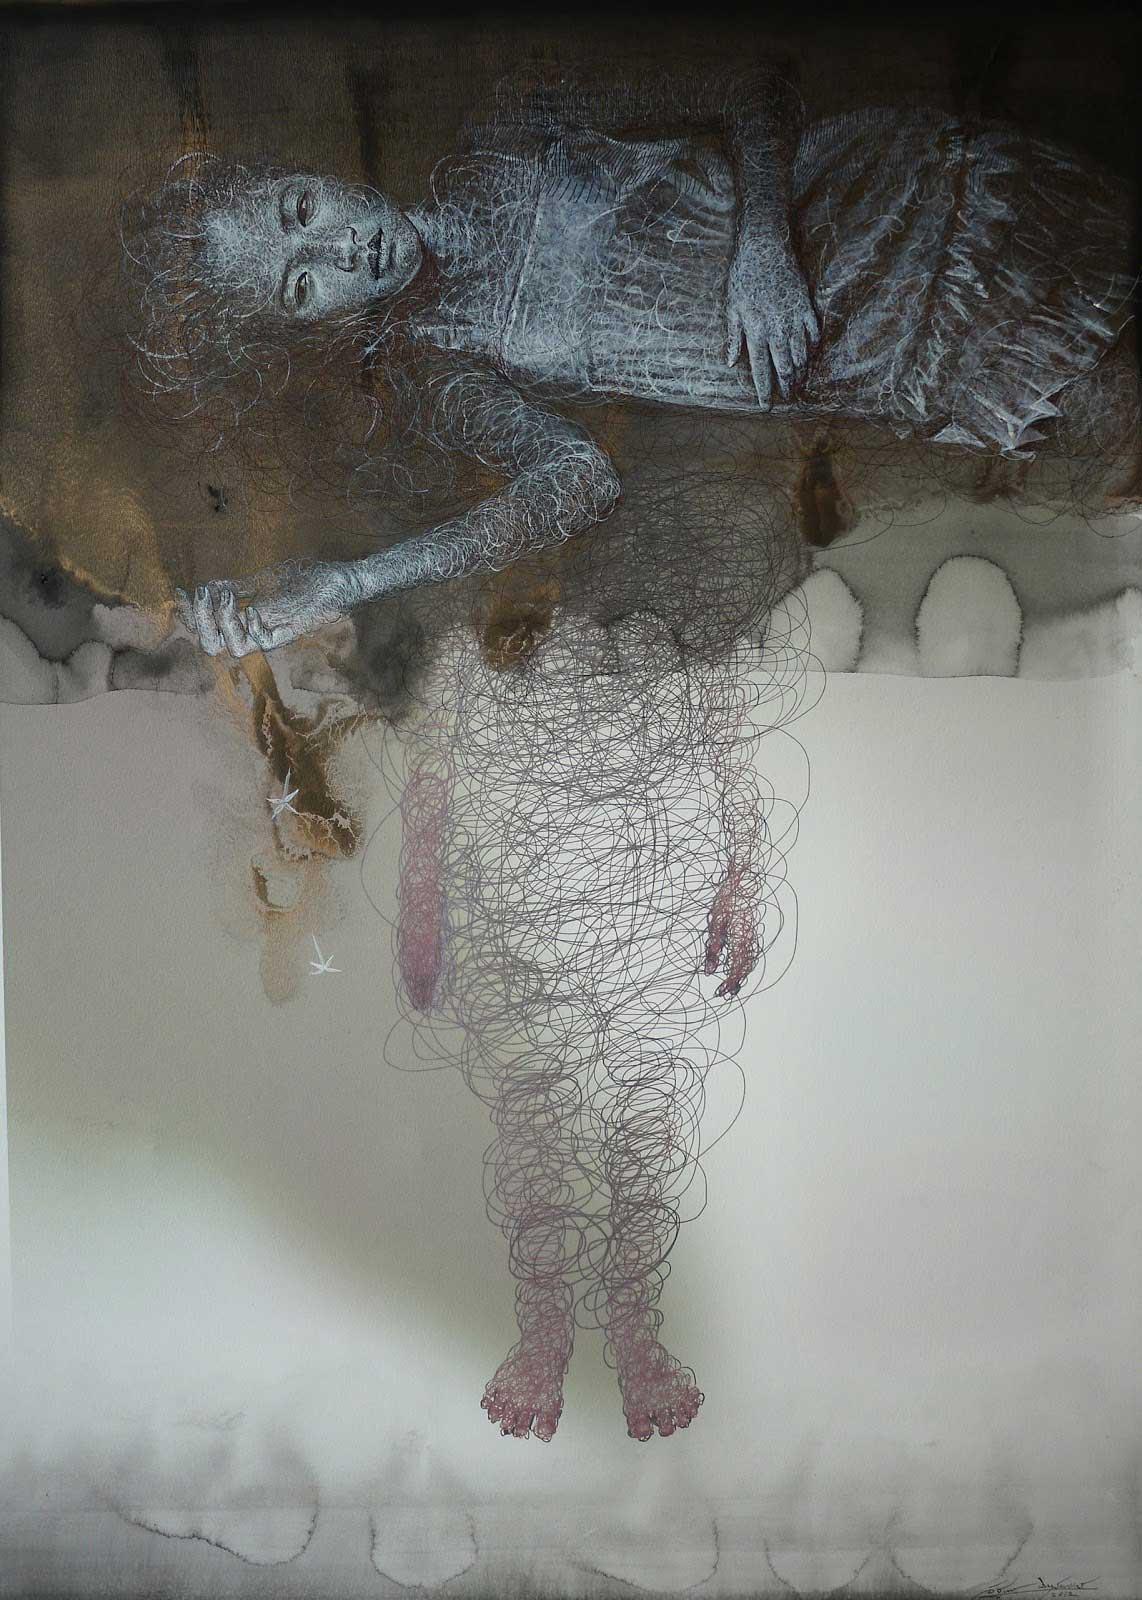 Uttaporn Nimmalaikaew 3D Paintings on Netting | Yellowtrace